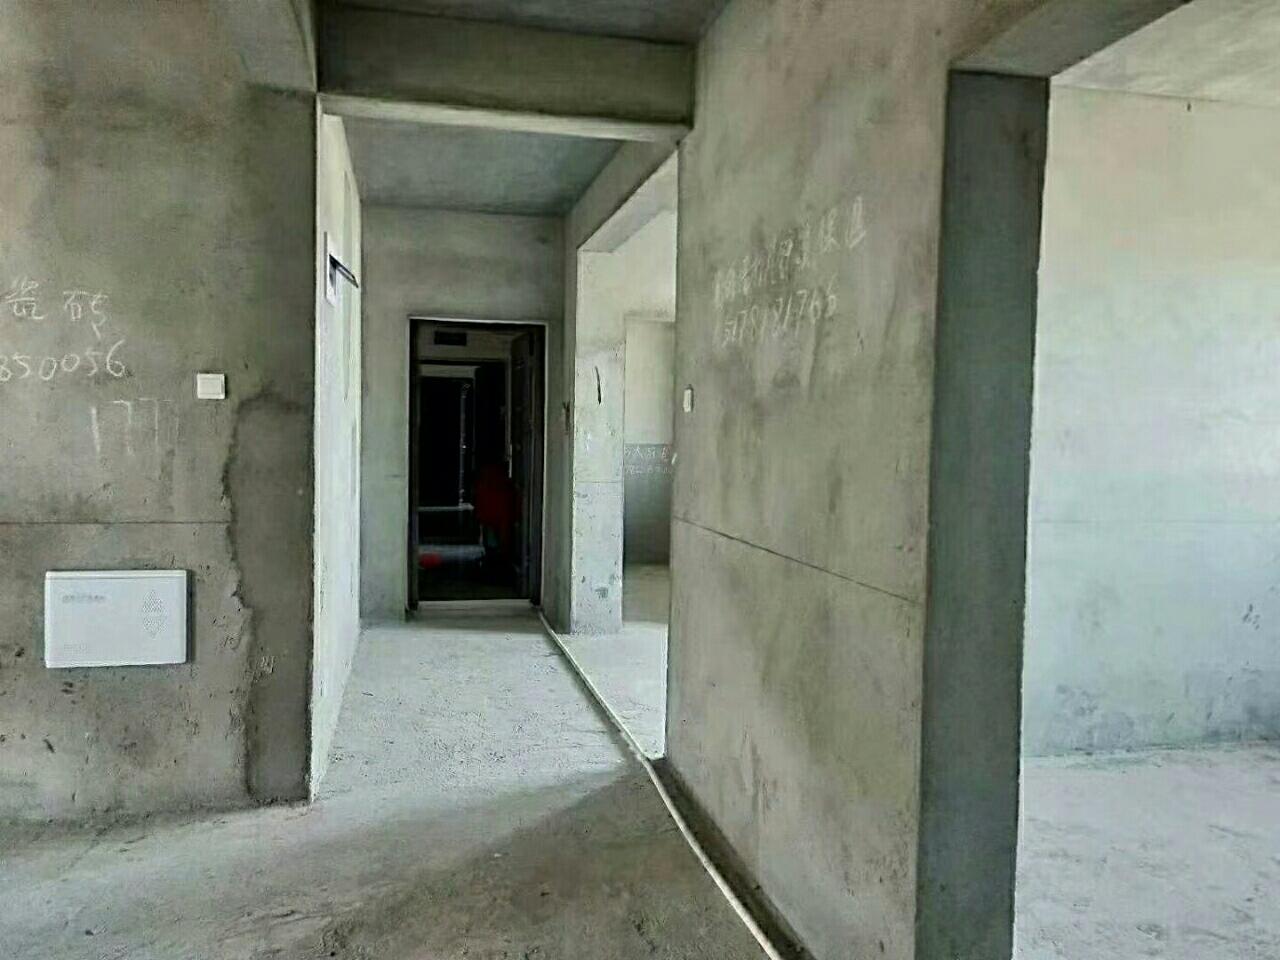 瑞景国际房东急售70万元证件齐全学区房